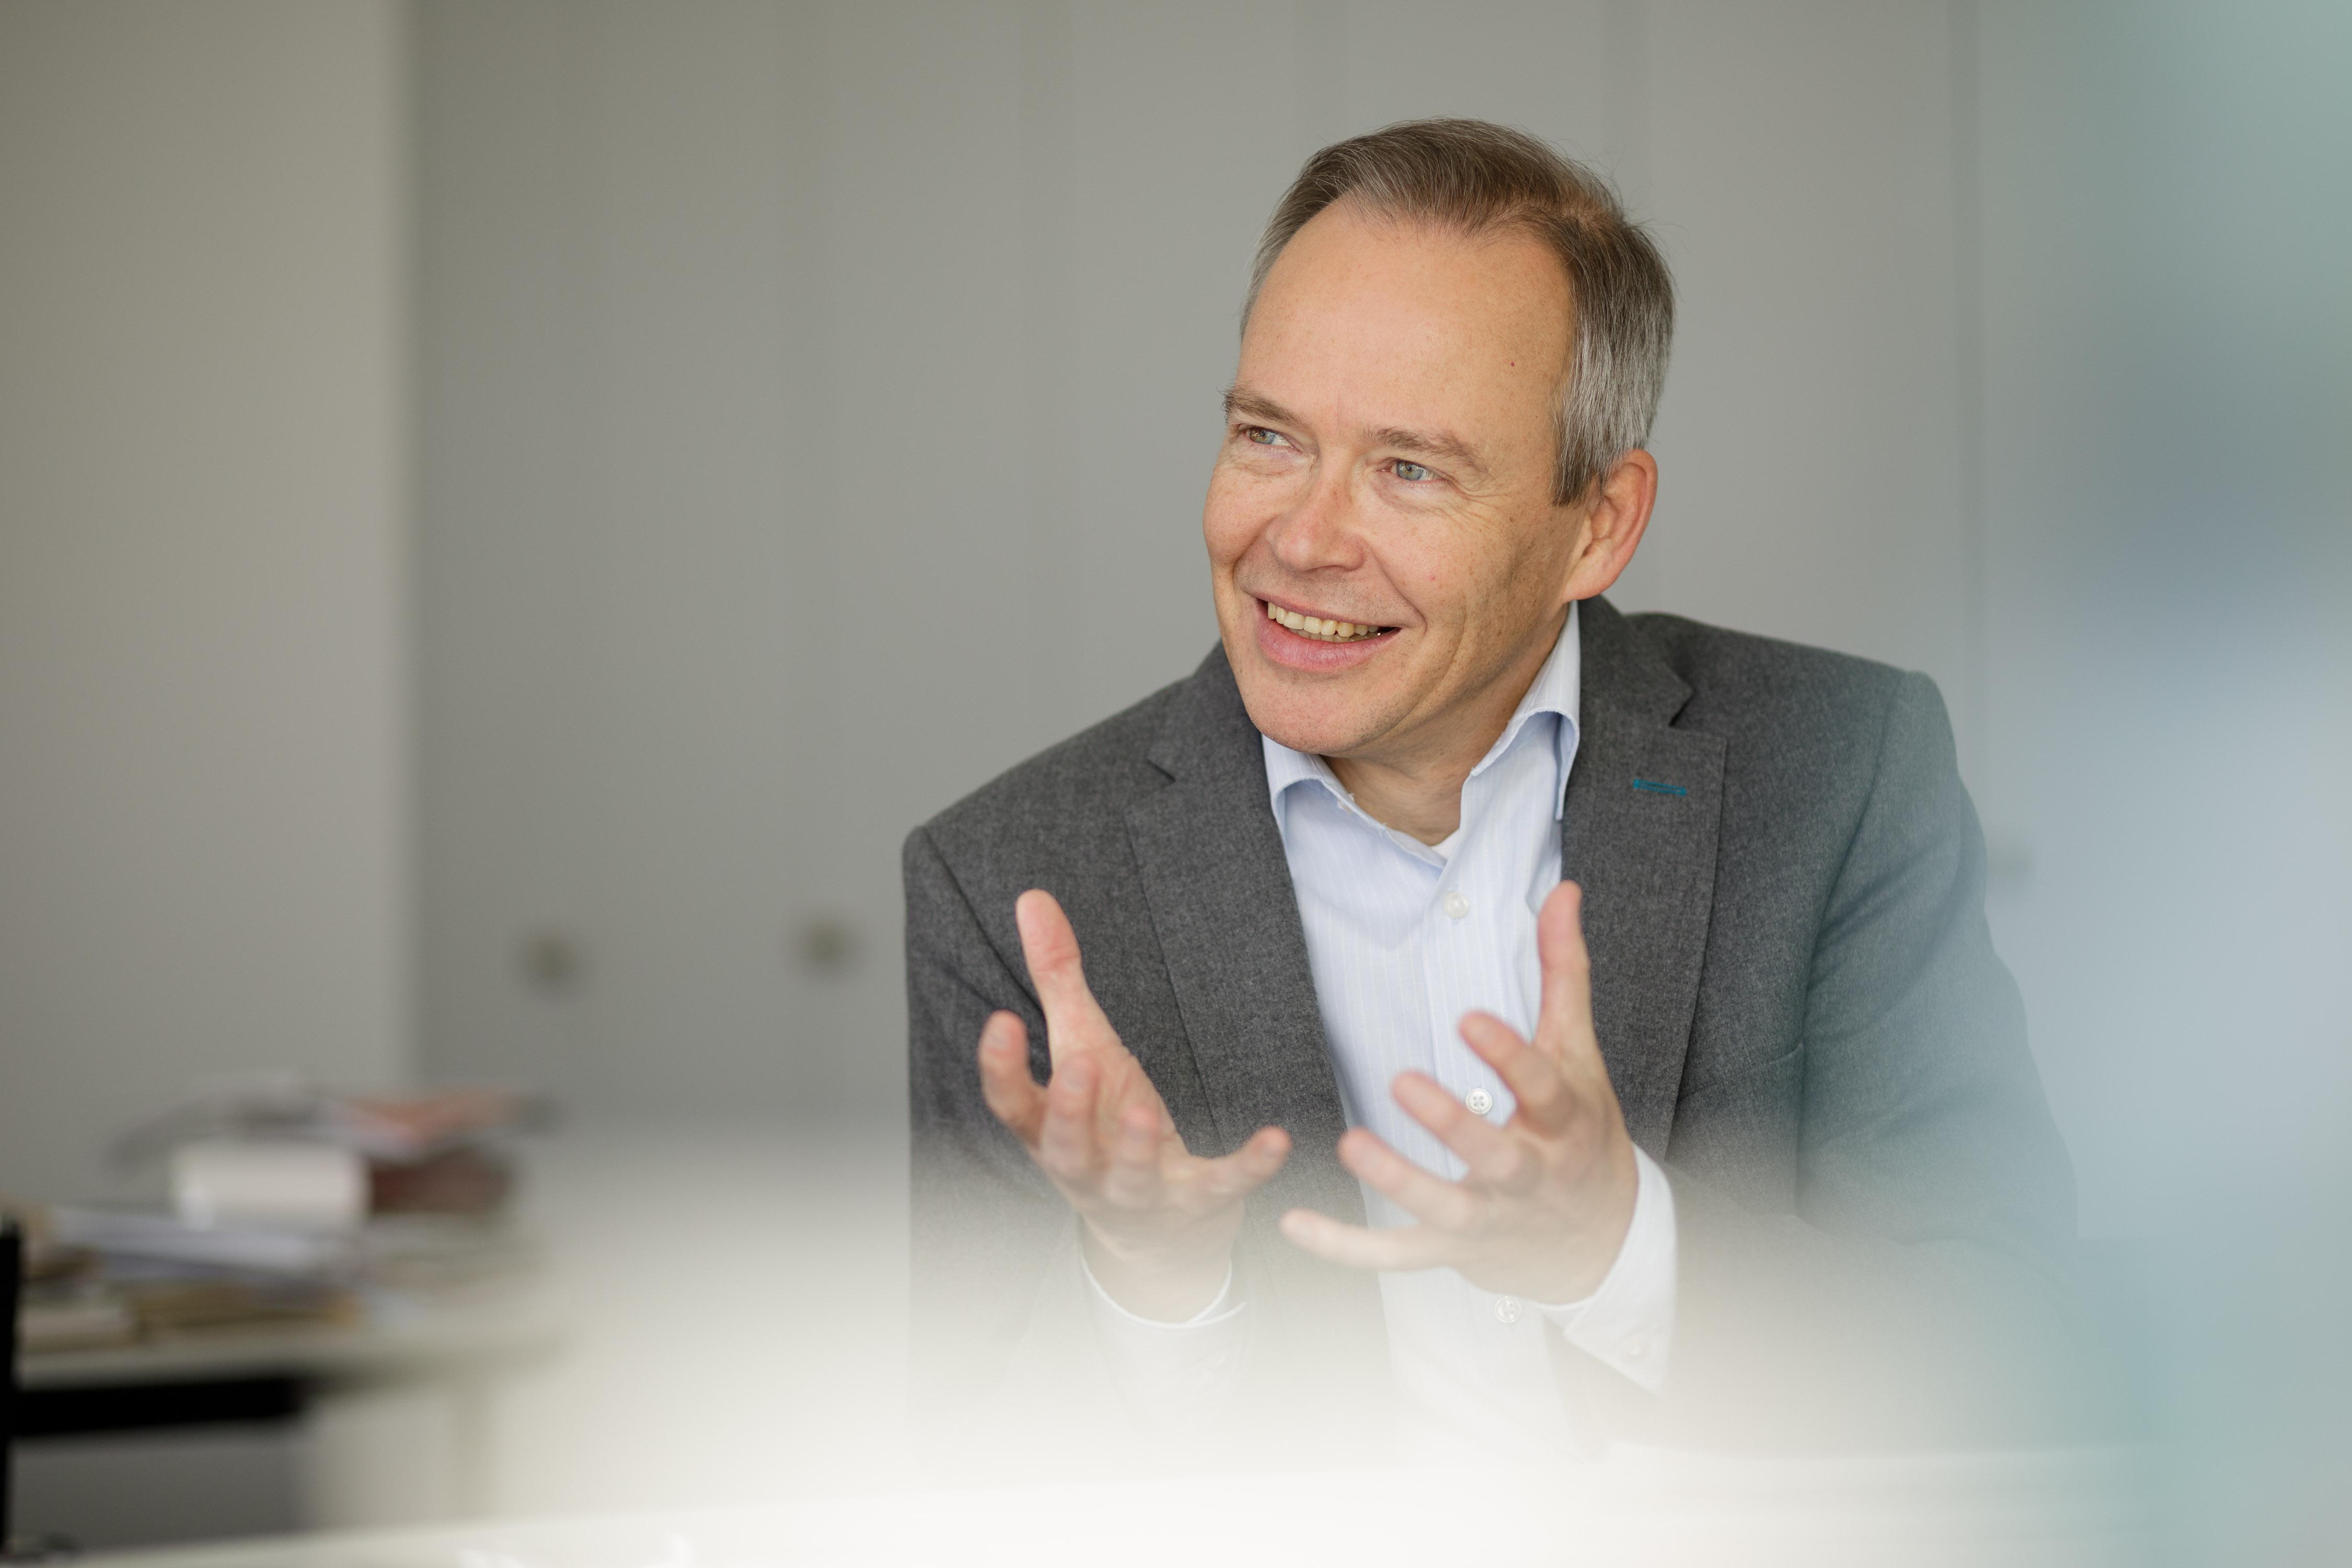 Ein Bild von einem lachenden, gestukilierenden Stefan Brink.